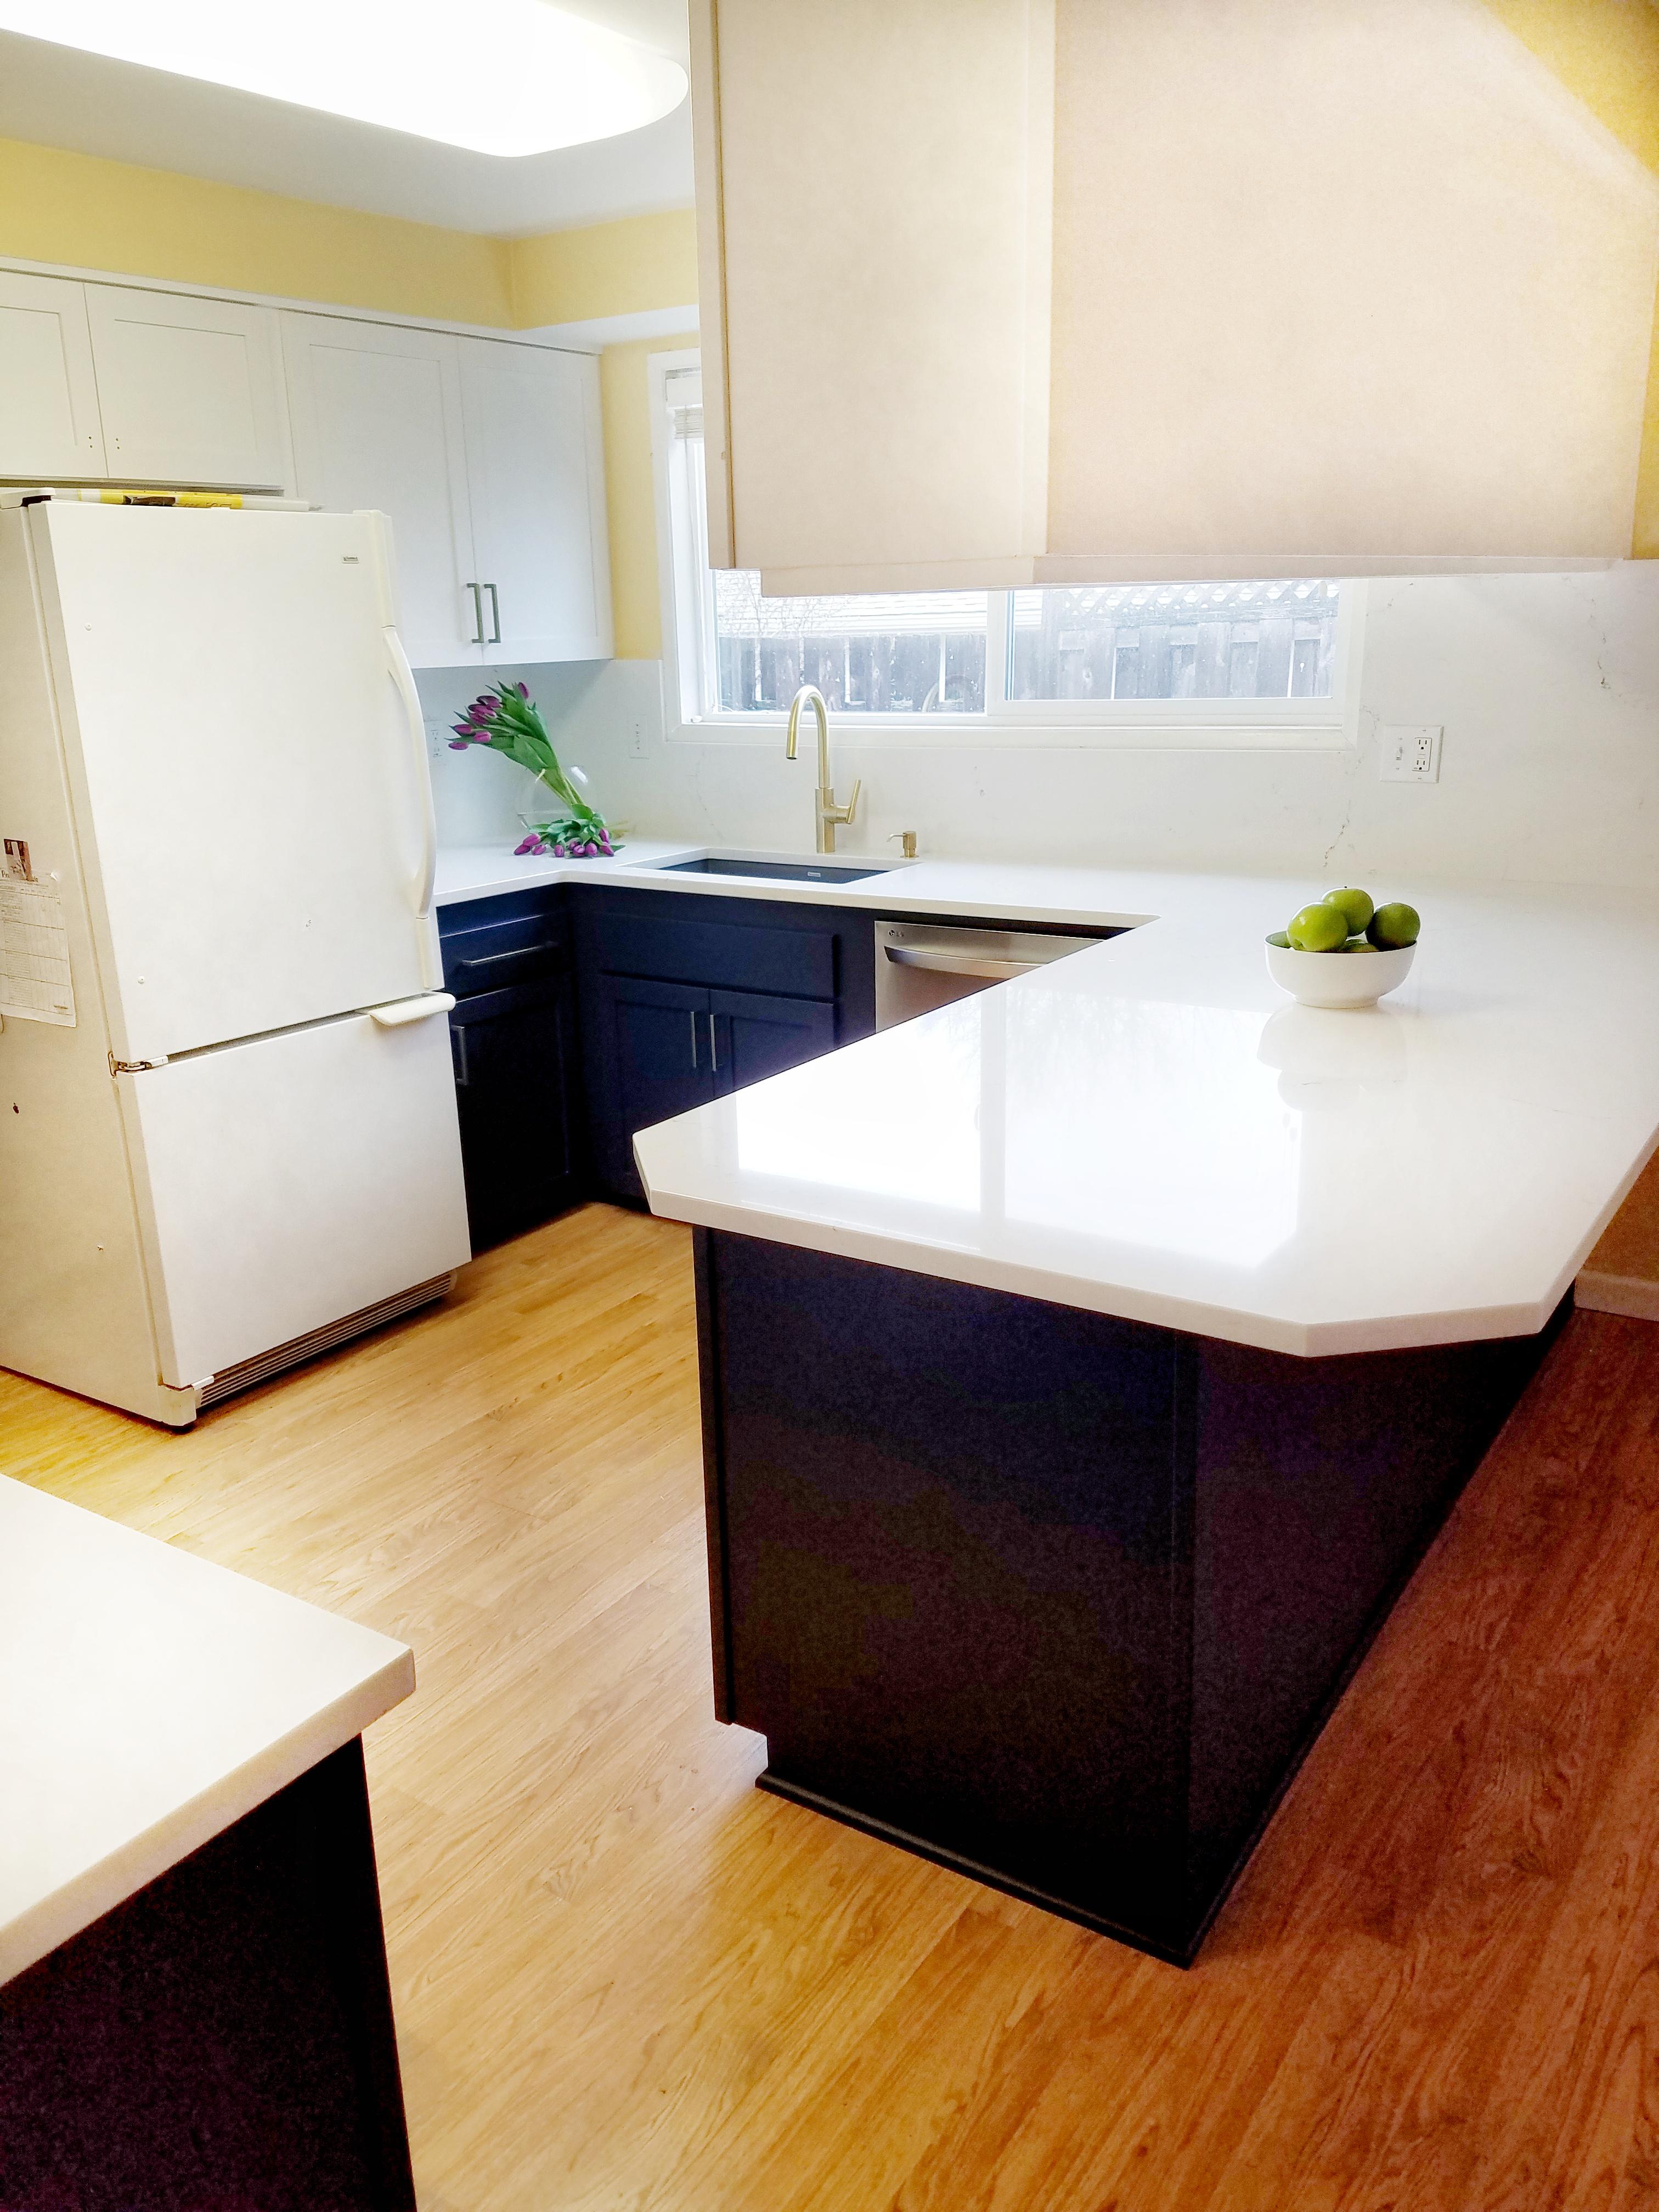 new kitchen, dark lower, white upper cabinets